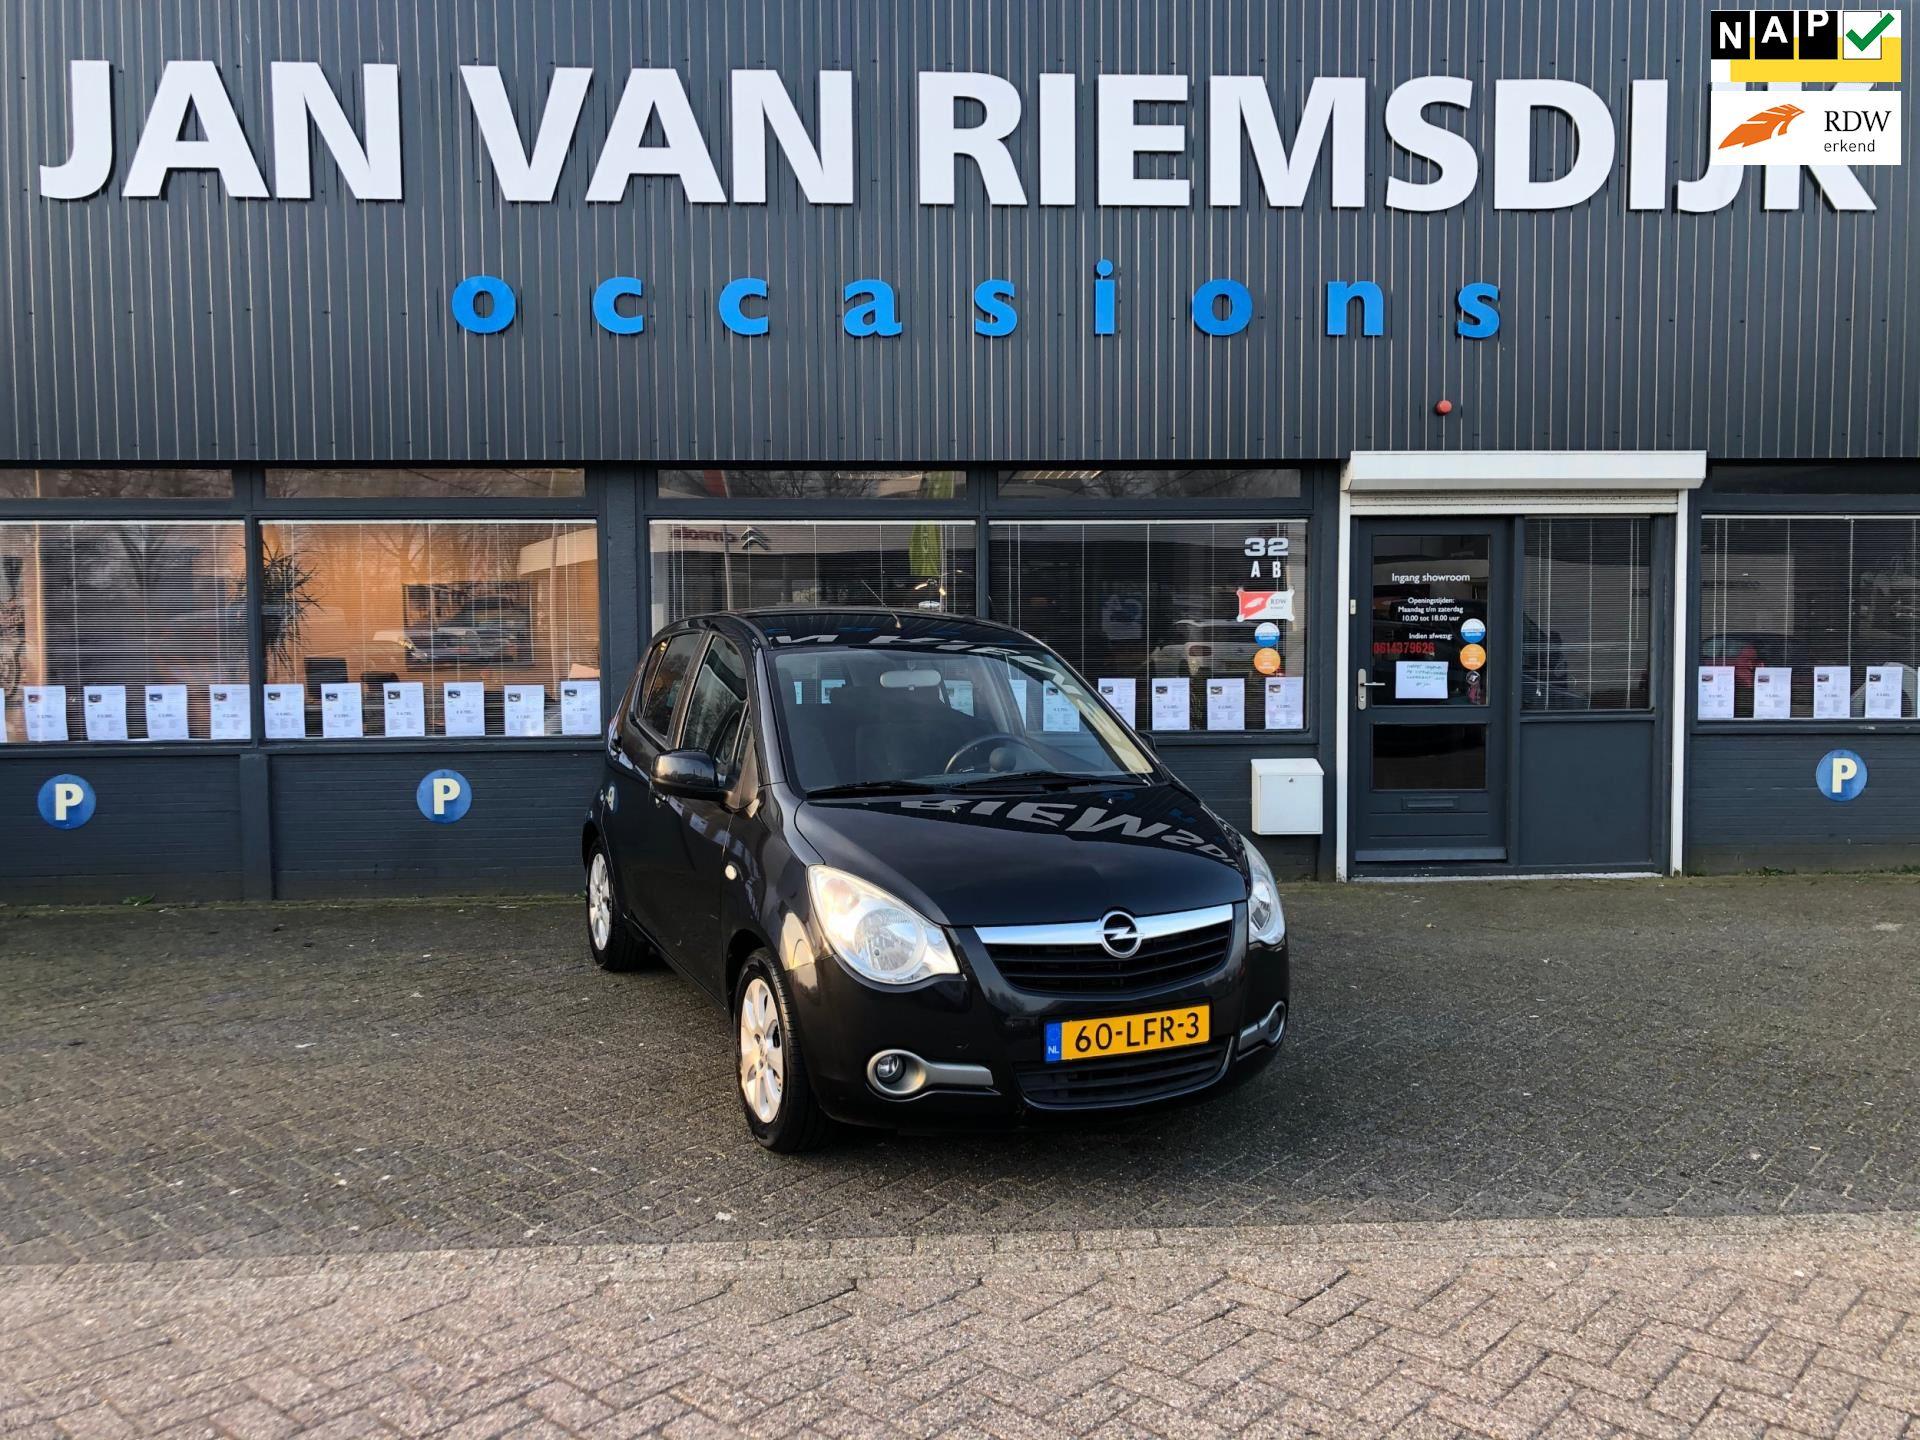 Opel Agila occasion - Autobedrijf Jan van Riemsdijk